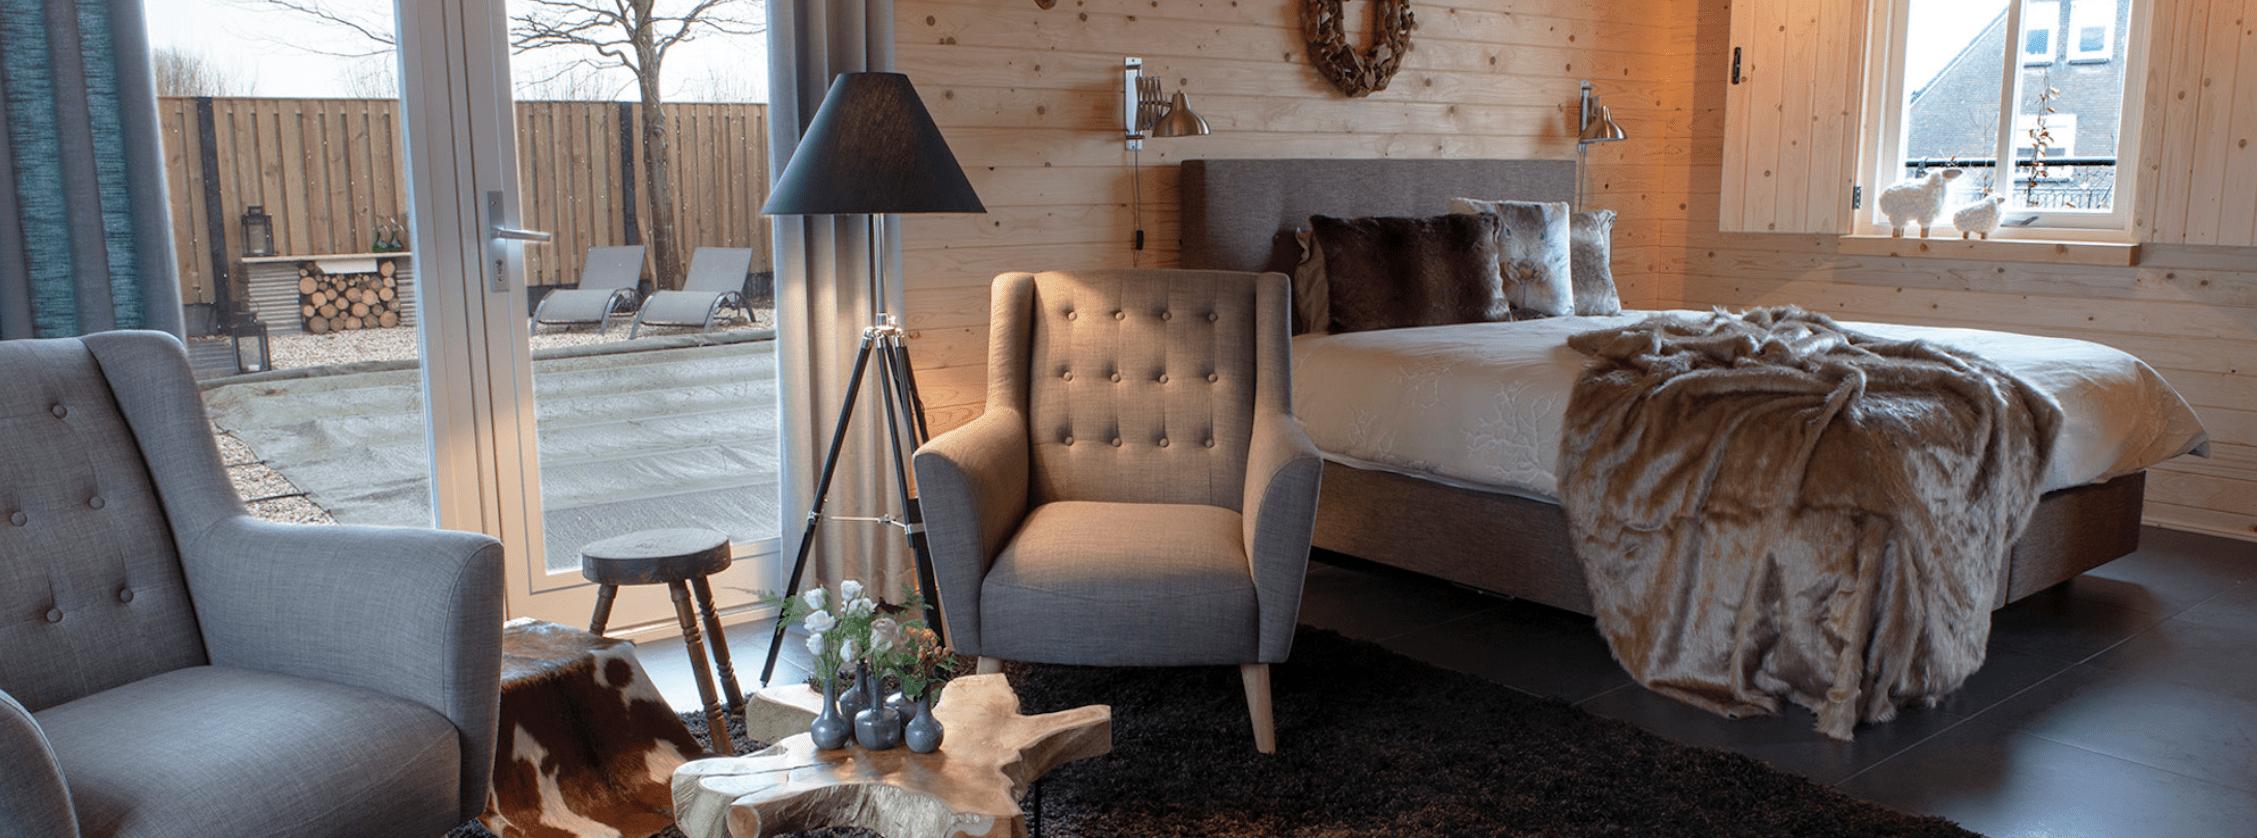 Een impressie van een mooi ingerichte slaapkamer door De Suite.